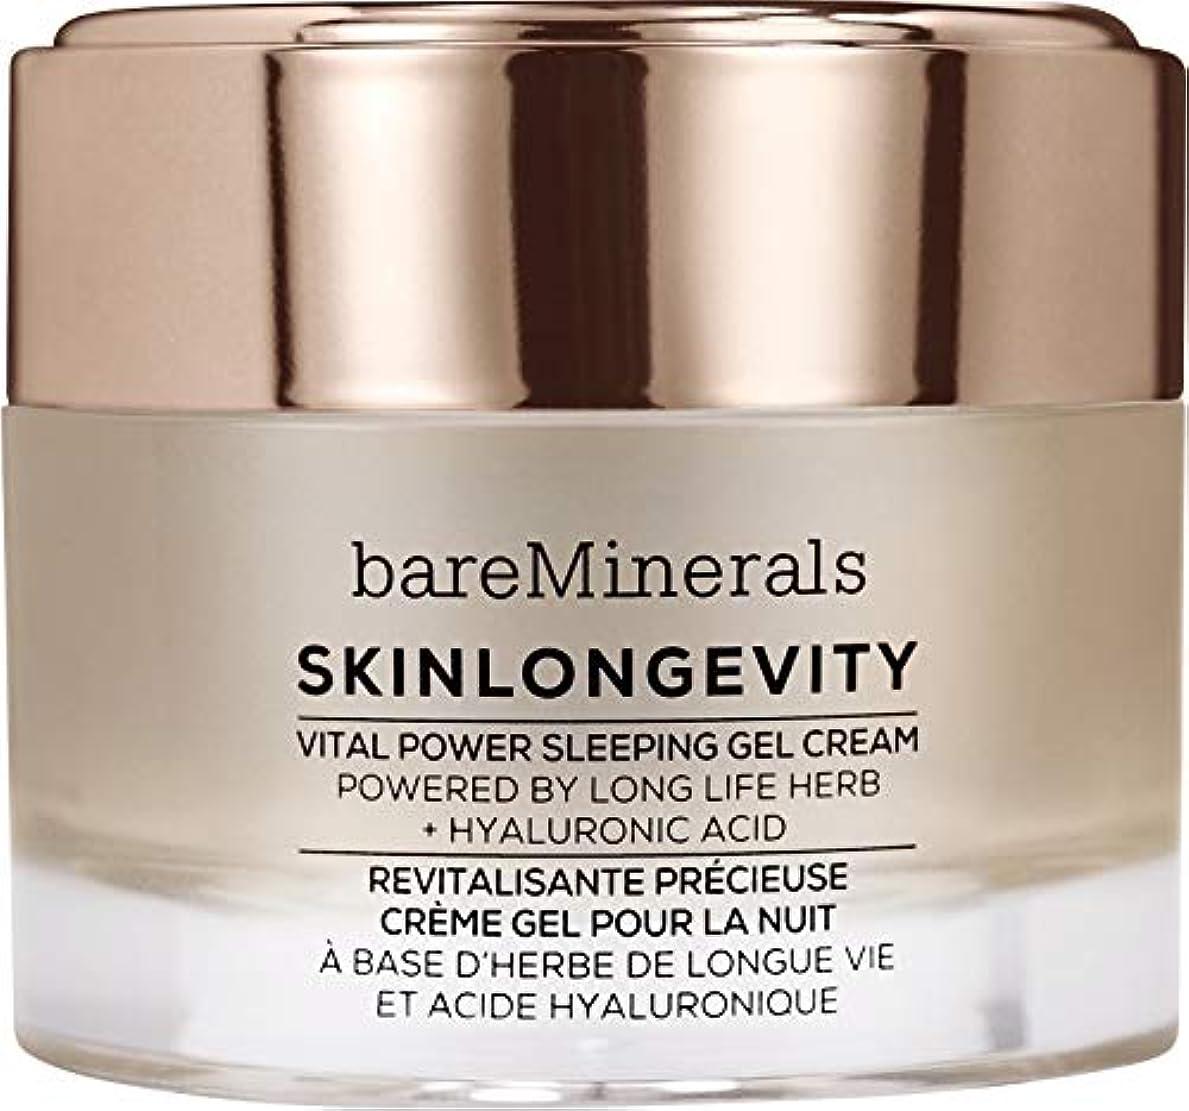 骨の折れる氏アレキサンダーグラハムベルベアミネラル Skinlongevity Vital Power Sleeping Gel Cream 50g/1.7oz並行輸入品